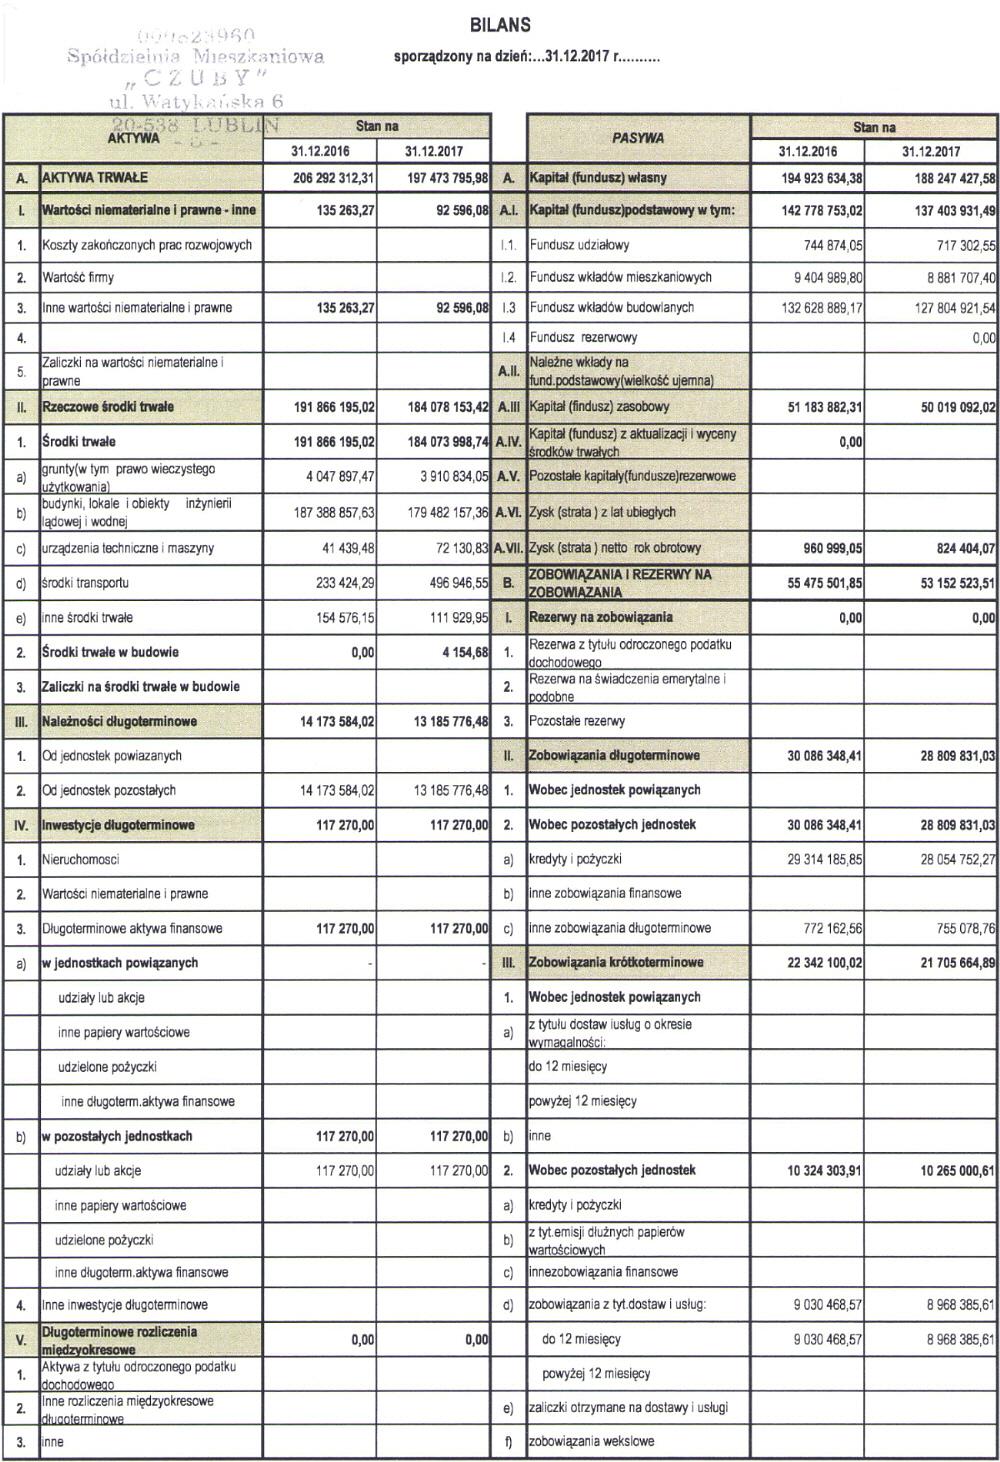 bilans za rok 2017